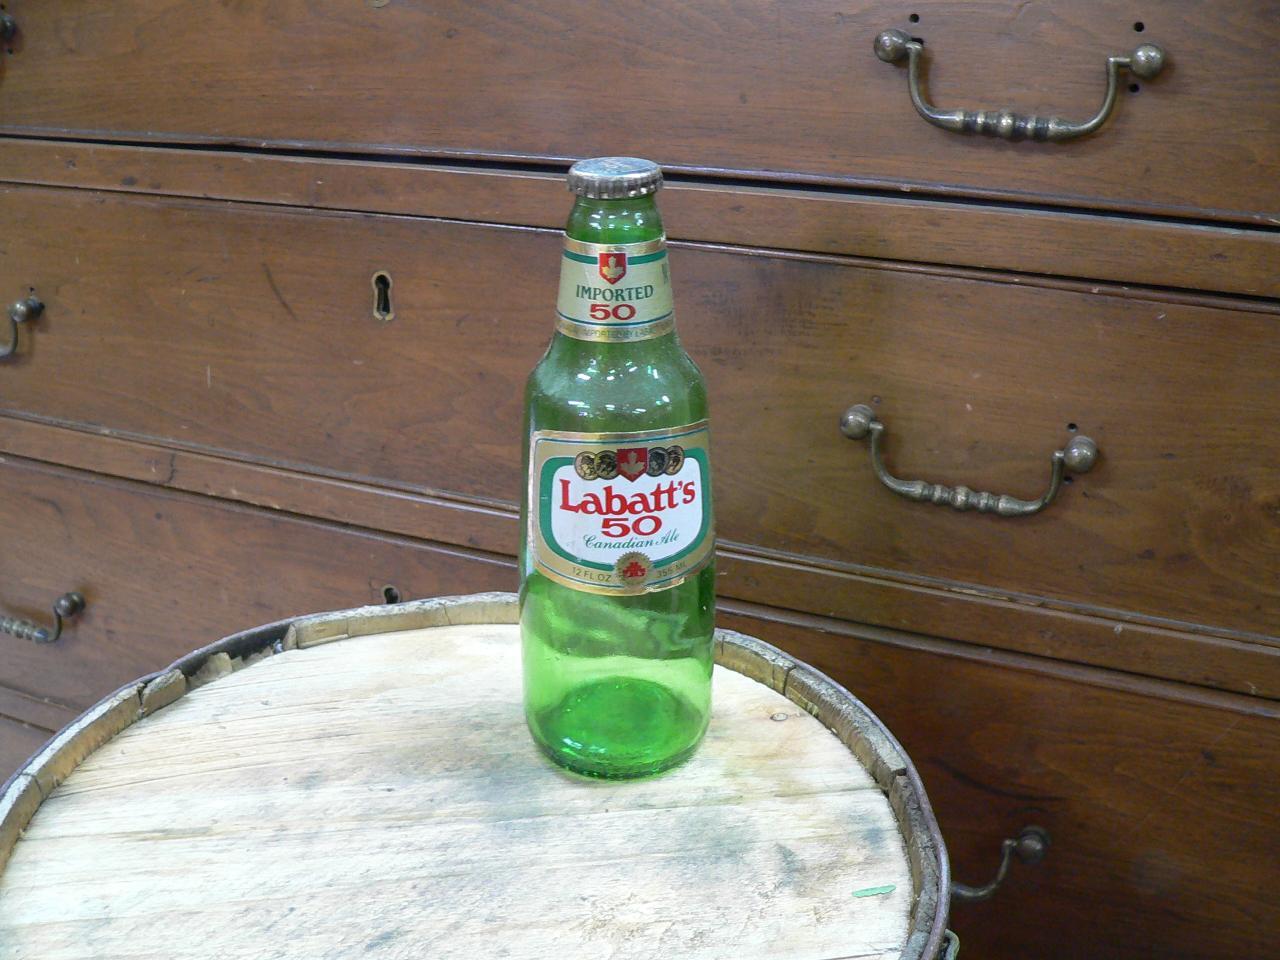 Bouteille biere labatt's 50 # 4664.8